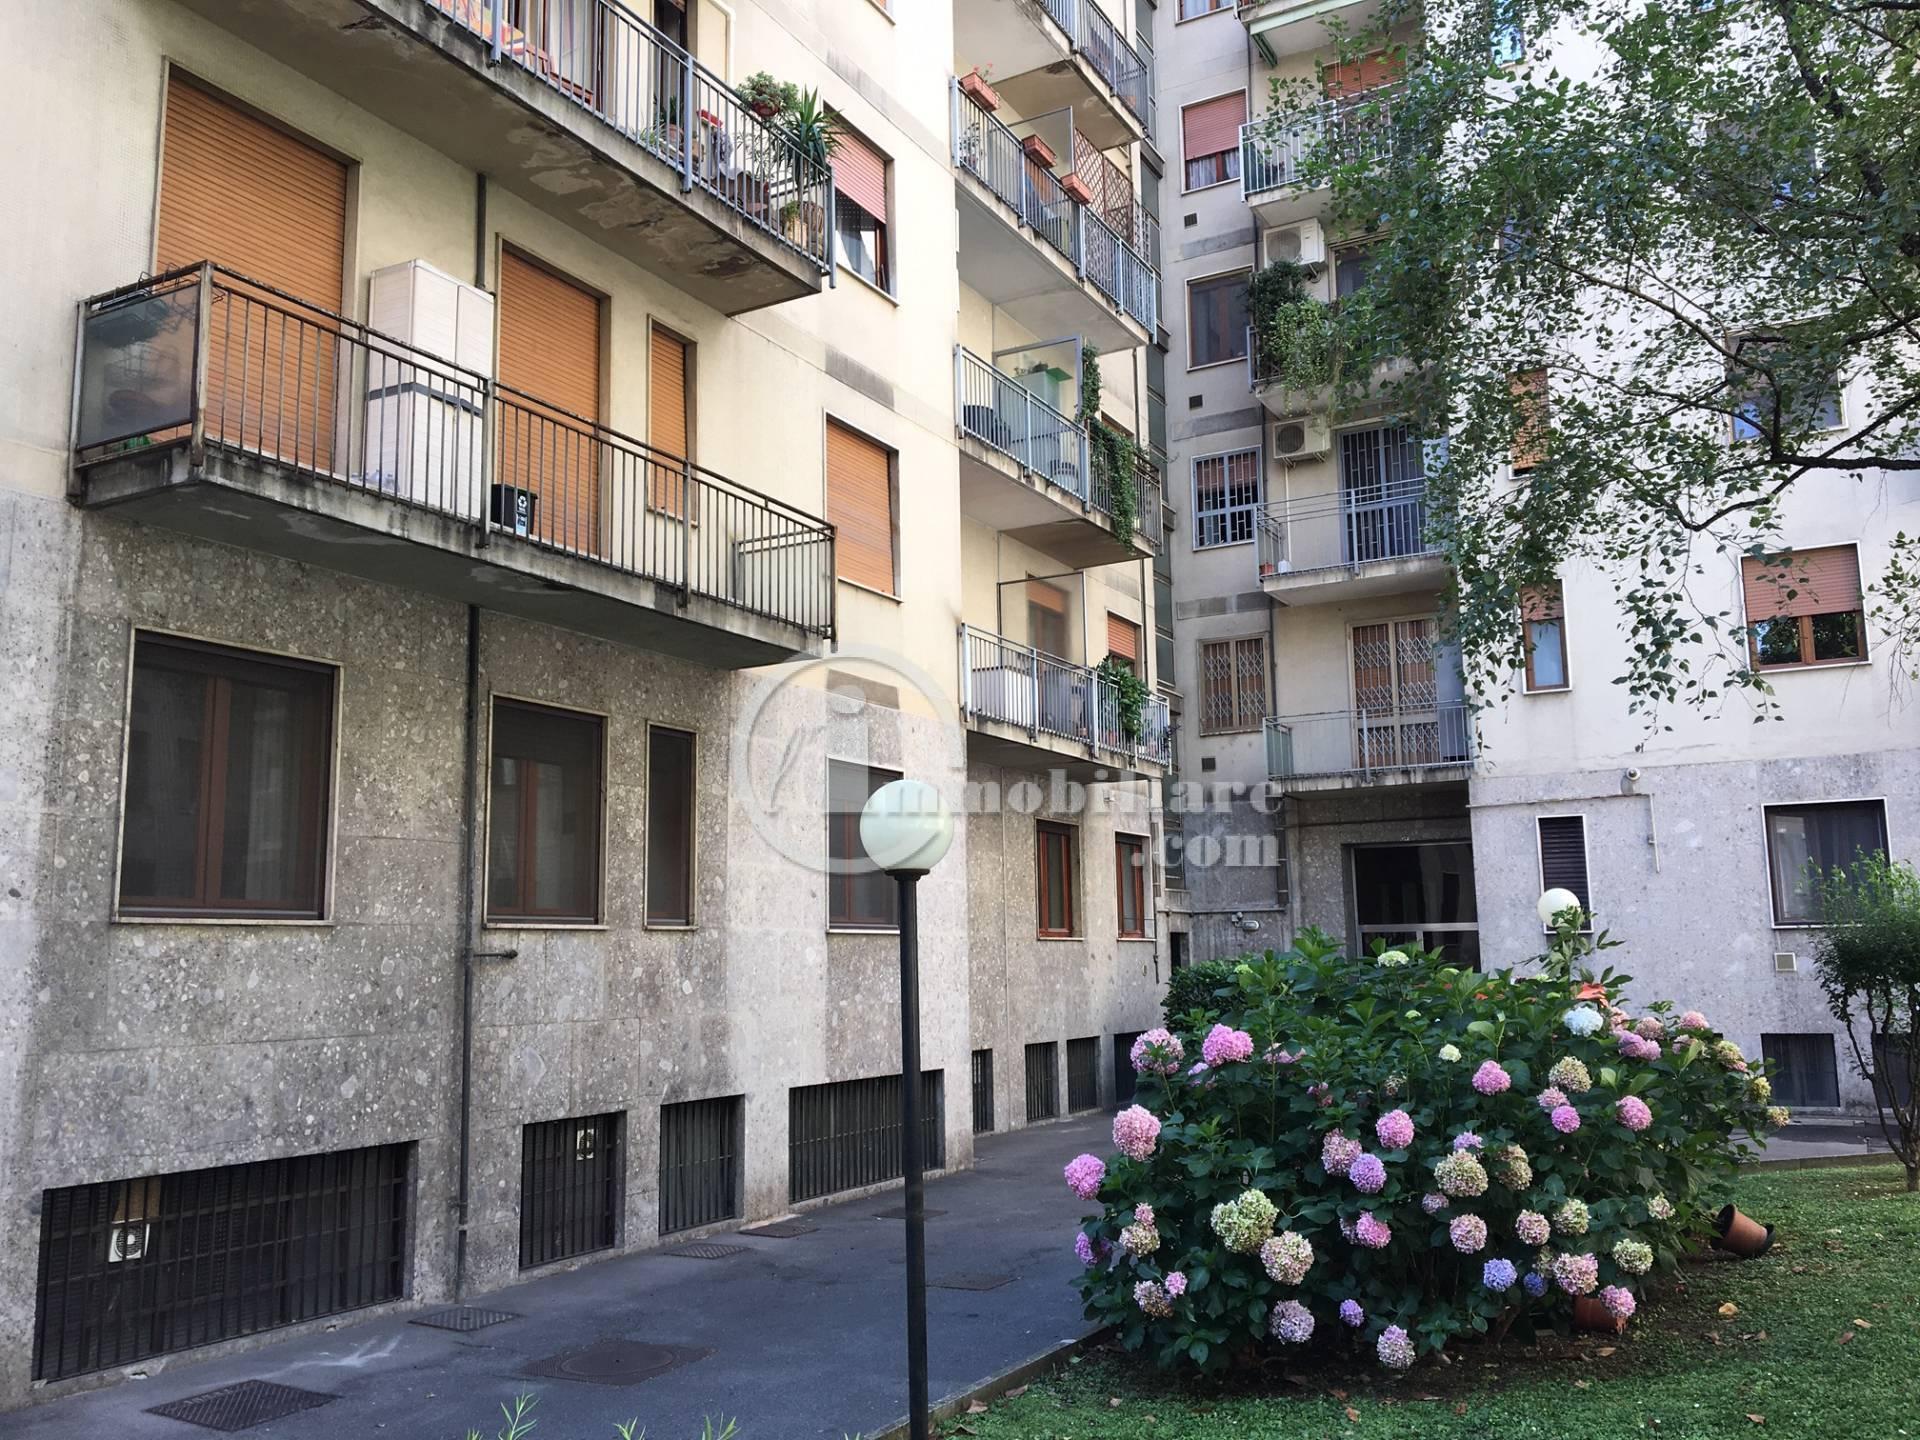 Appartamento in Affitto a Milano 25 Cassala / Famagosta / Lorenteggio / Barona:  3 locali, 90 mq  - Foto 1